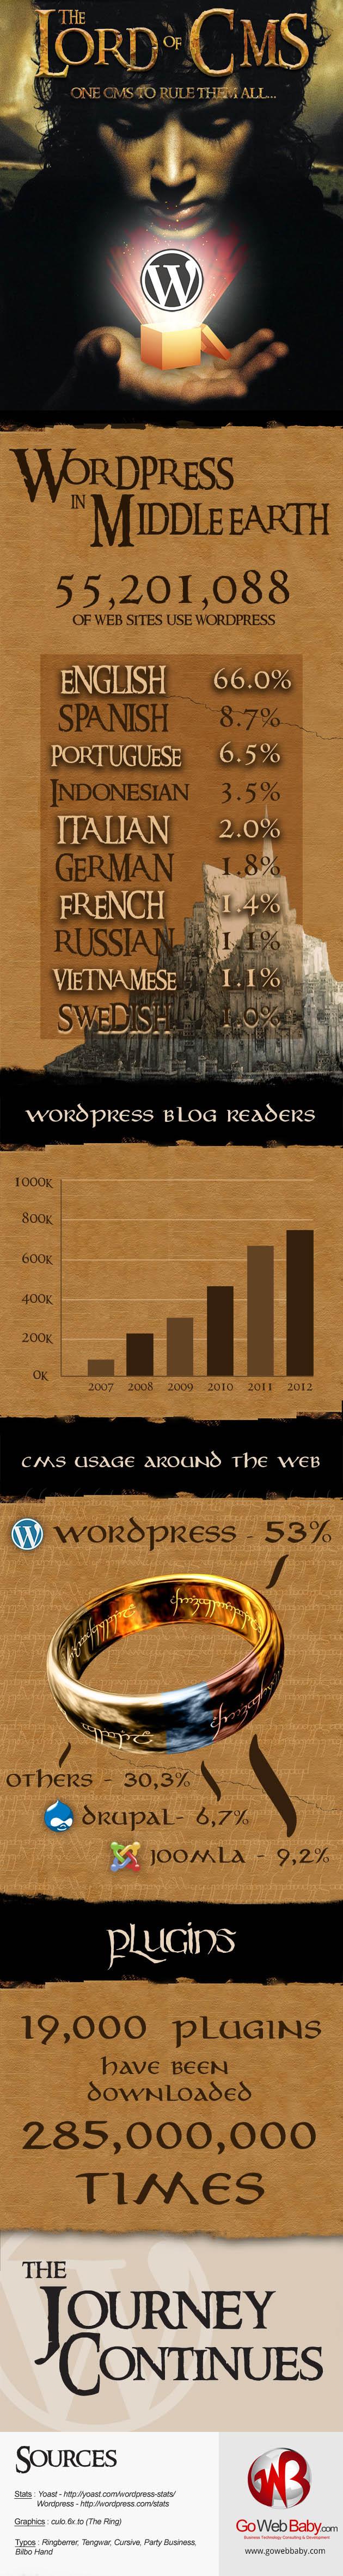 Wordpress, rey de los CMS